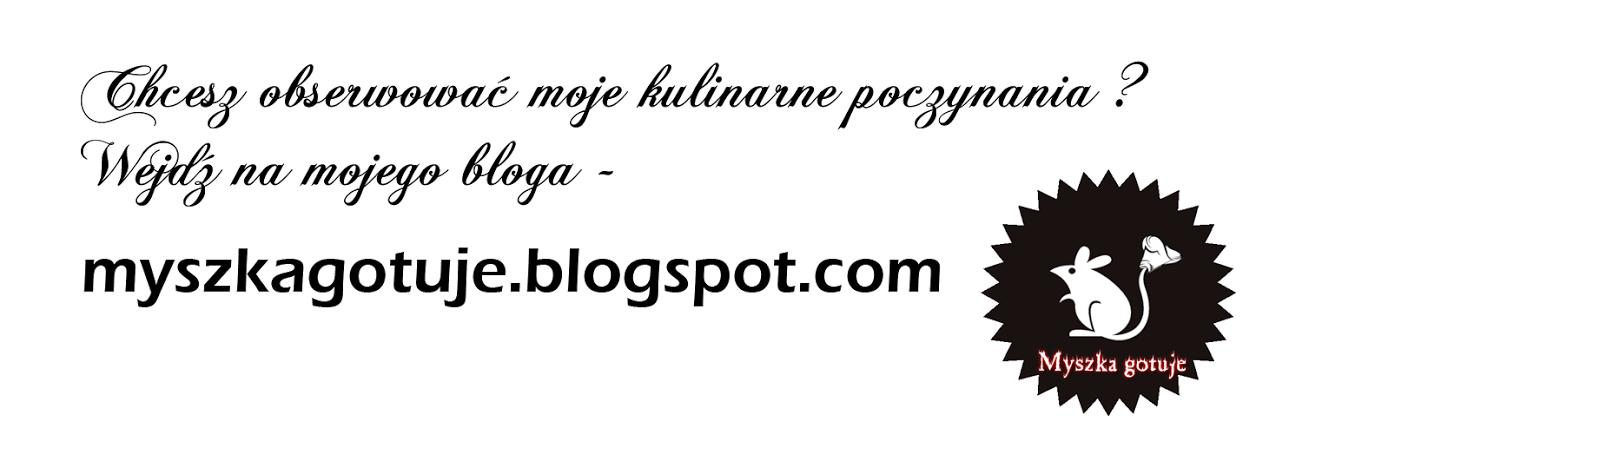 http://myszkagotuje.blogspot.com